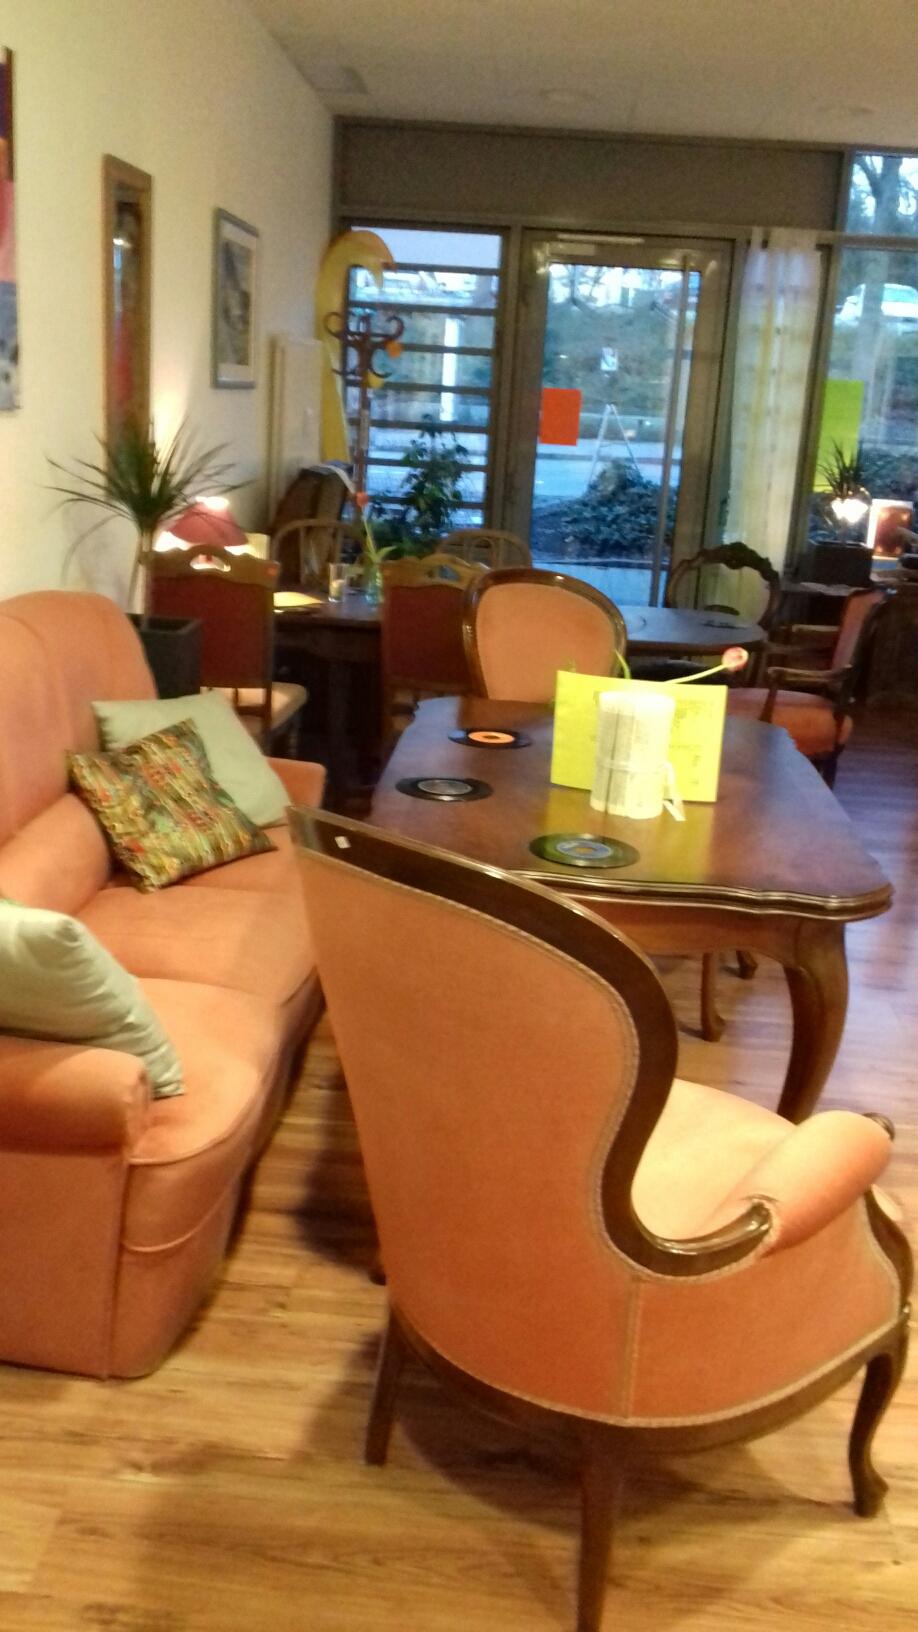 Lindau Café - Café Live in Lindau - Innenansicht des Ladens mit orangen Sitzgelegenheiten, Kaffee trinken in Lindau